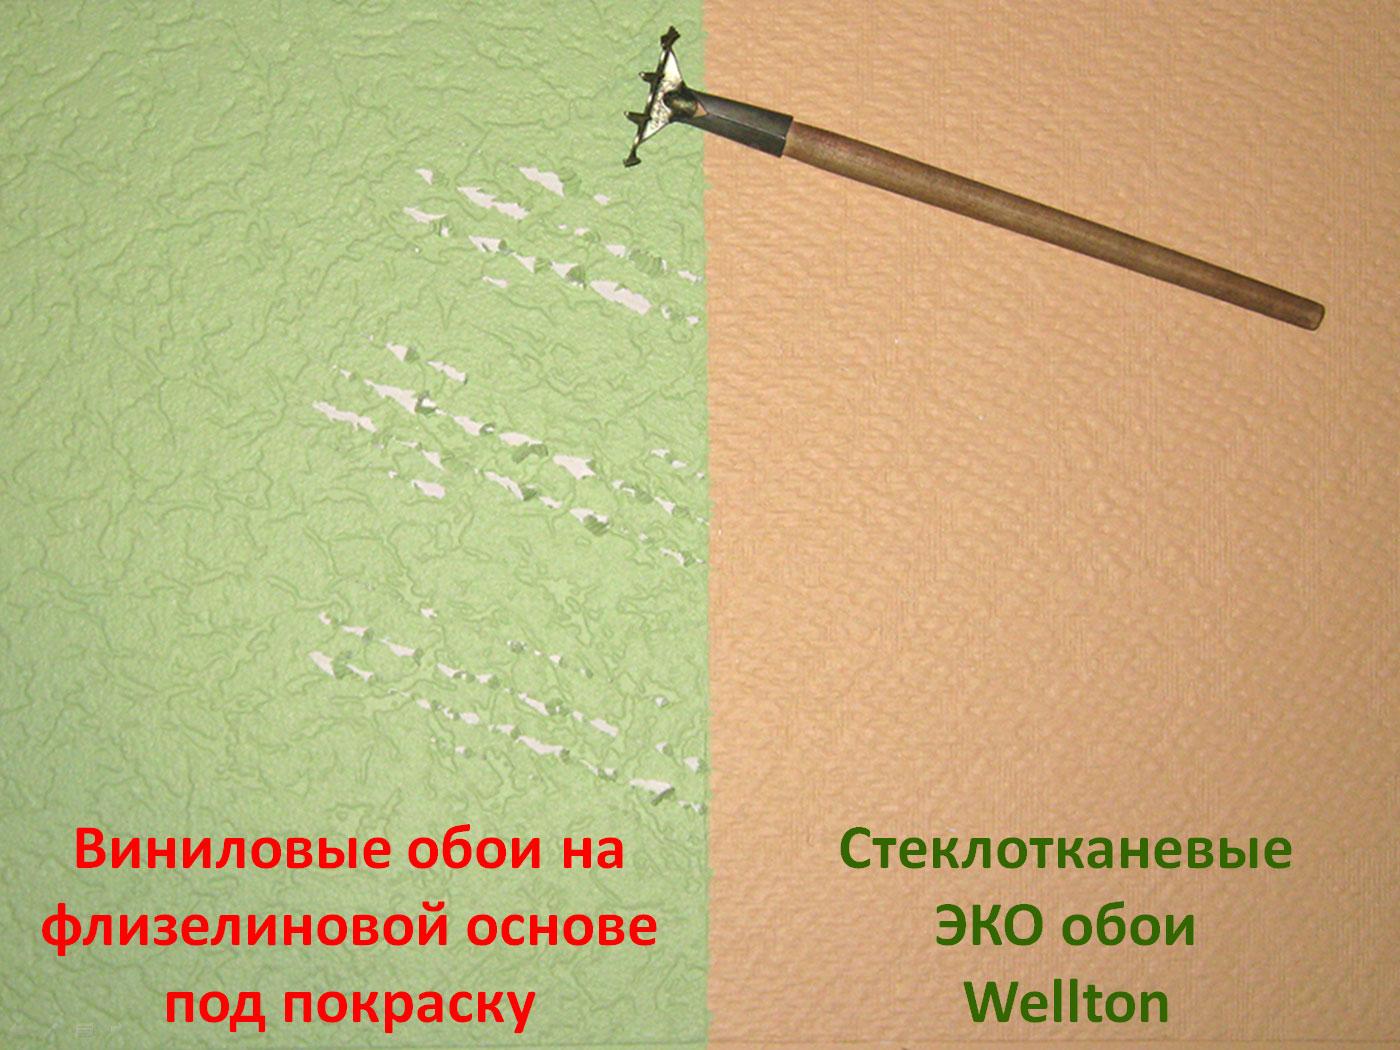 Обои под покраску: современные идеи оформления, 75 фото в интерьере